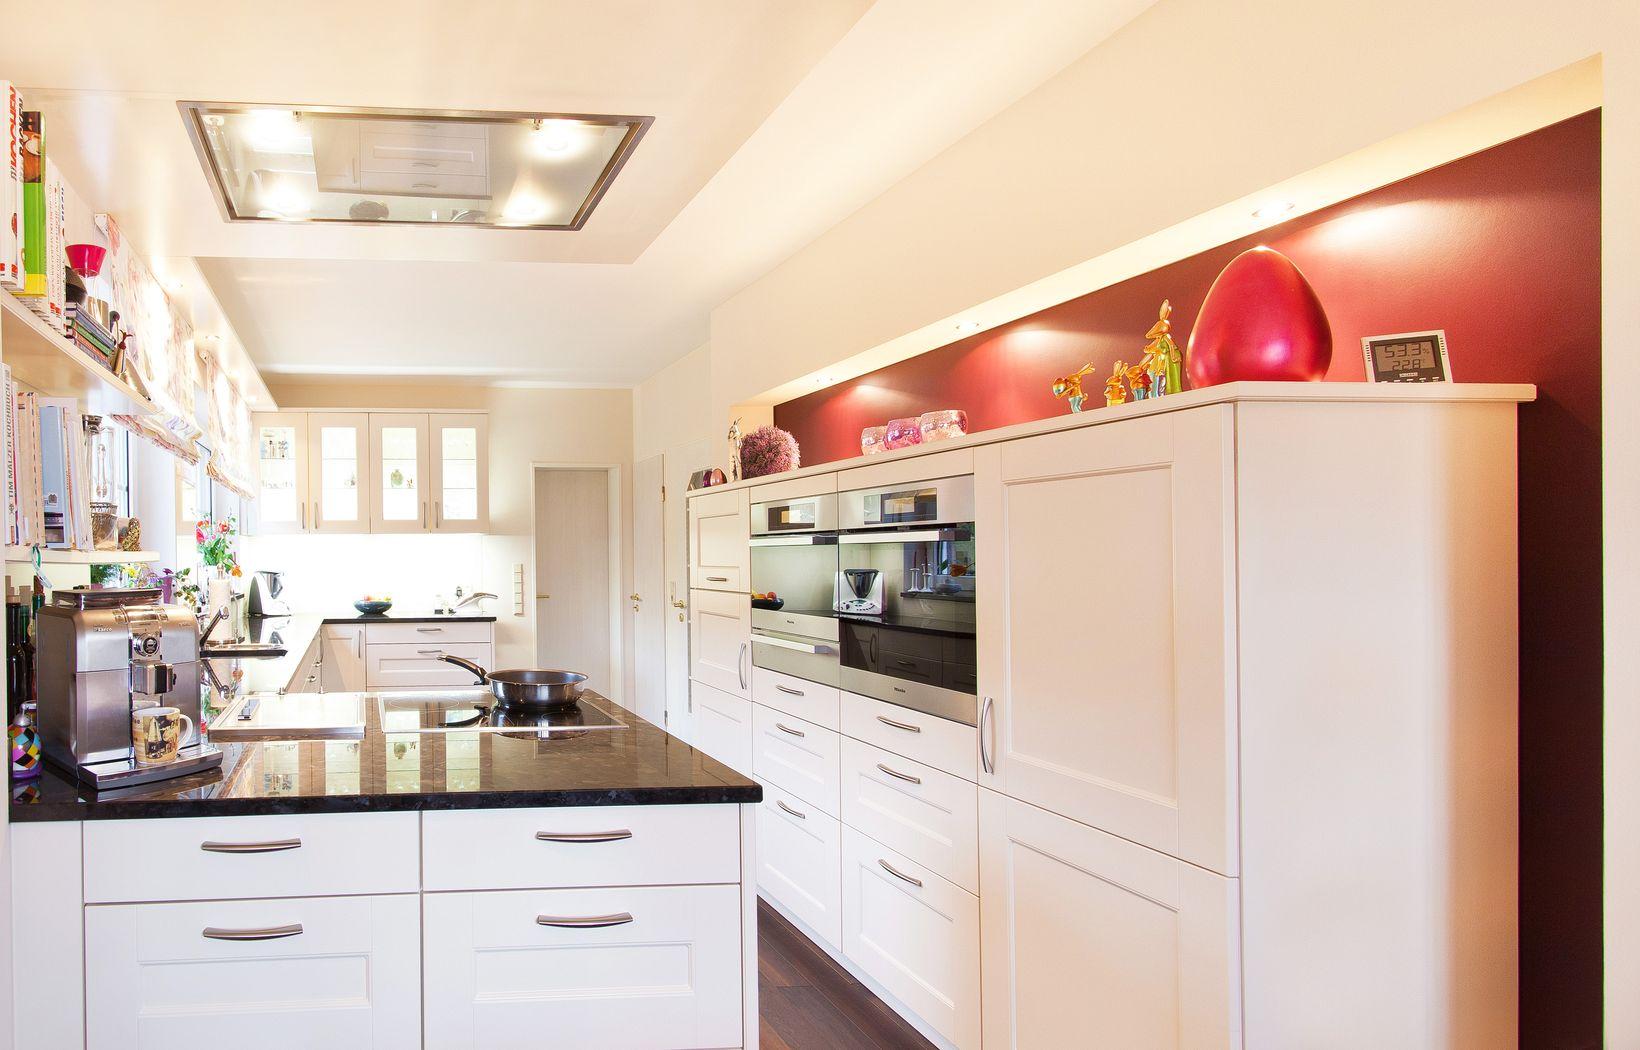 wohnliche landhausk che mit viel licht und stauraum. Black Bedroom Furniture Sets. Home Design Ideas